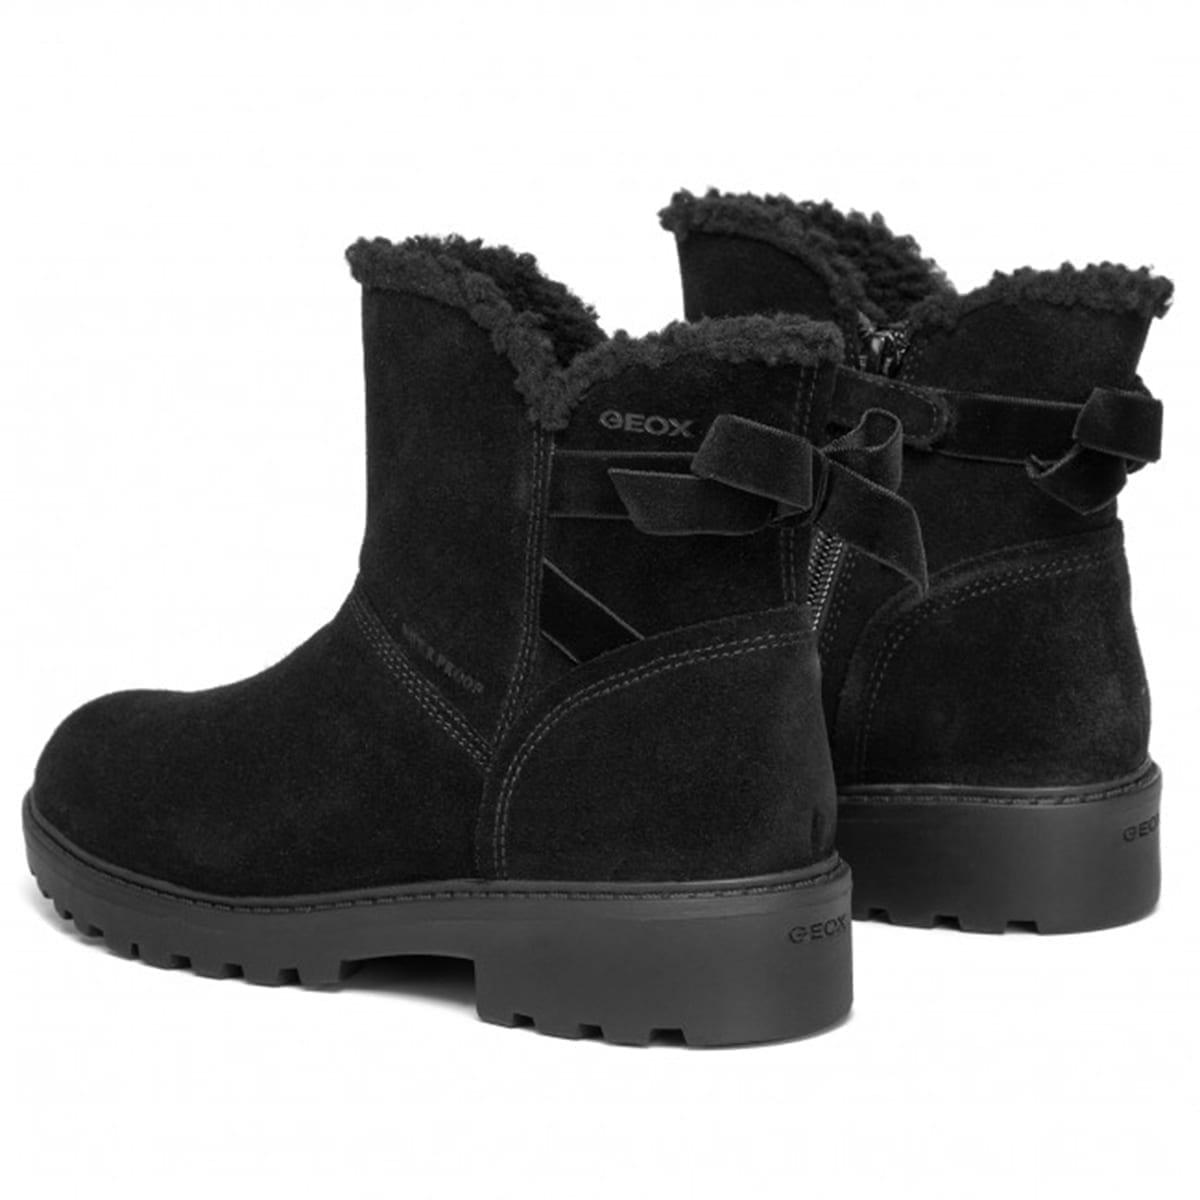 Dempsey clásico estoy enfermo  Geox Casey Waterproof Boot - Stomp Footwear Online Shoe Shop